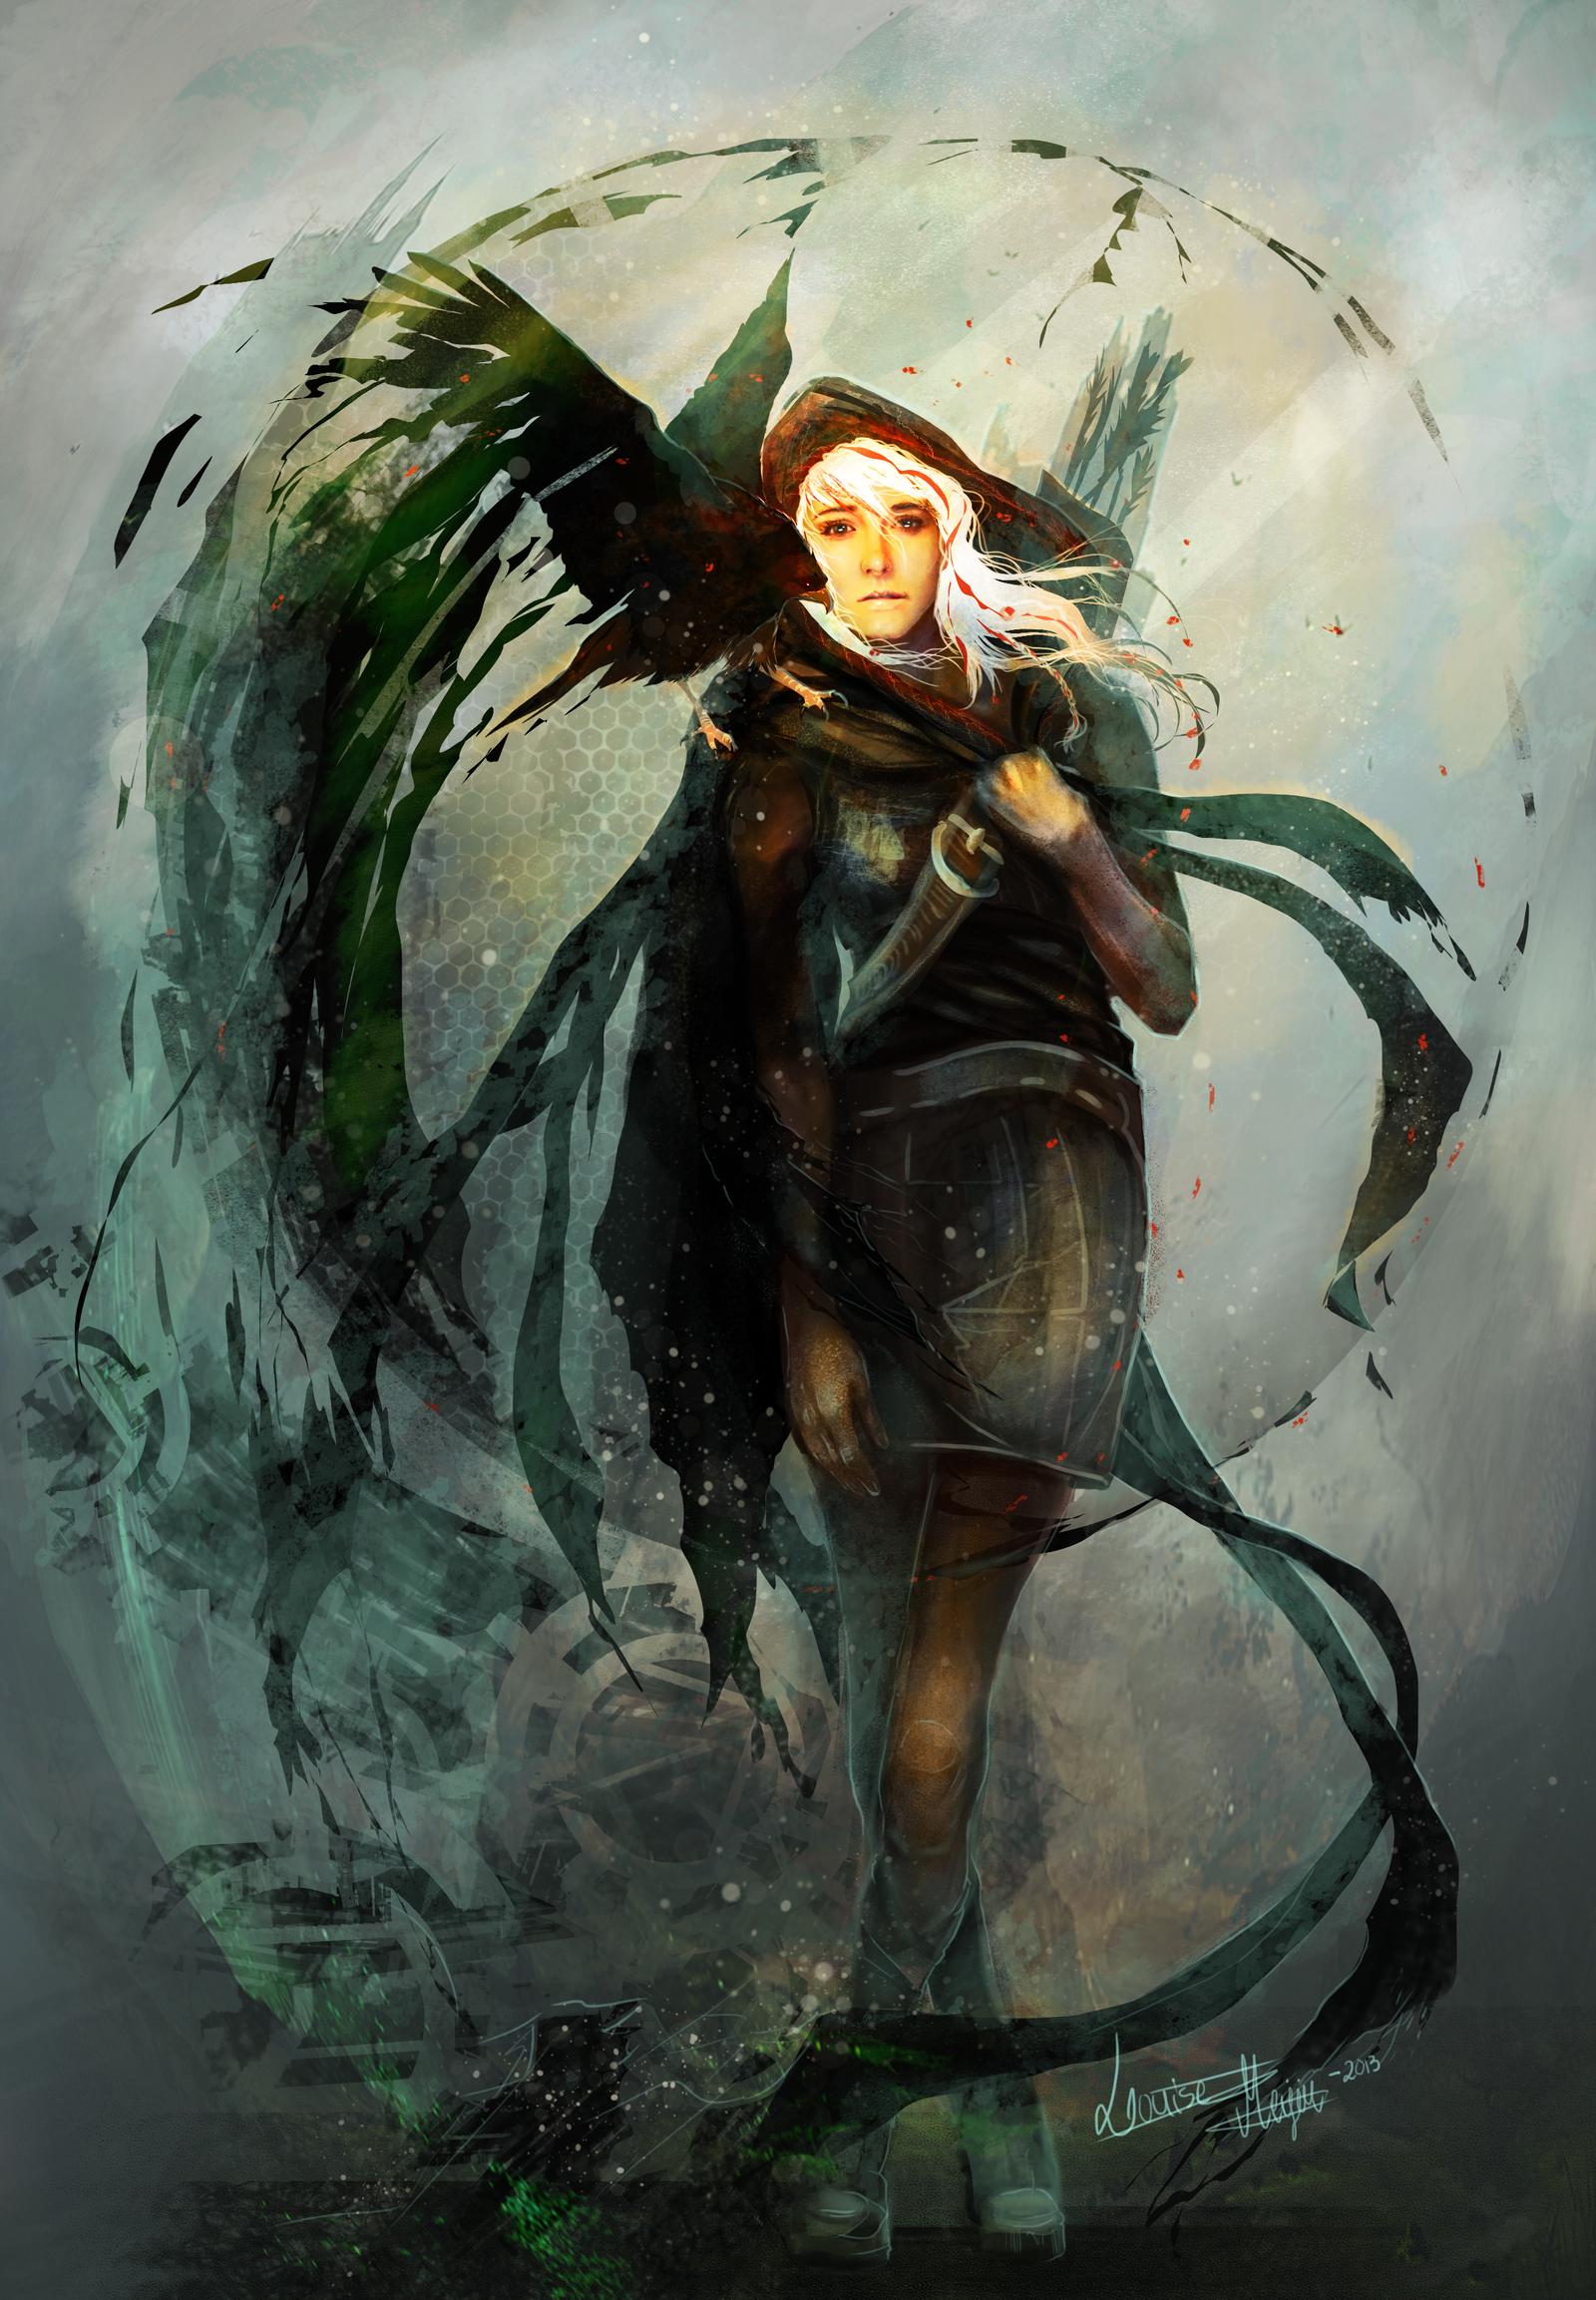 The hunter by Roiuky